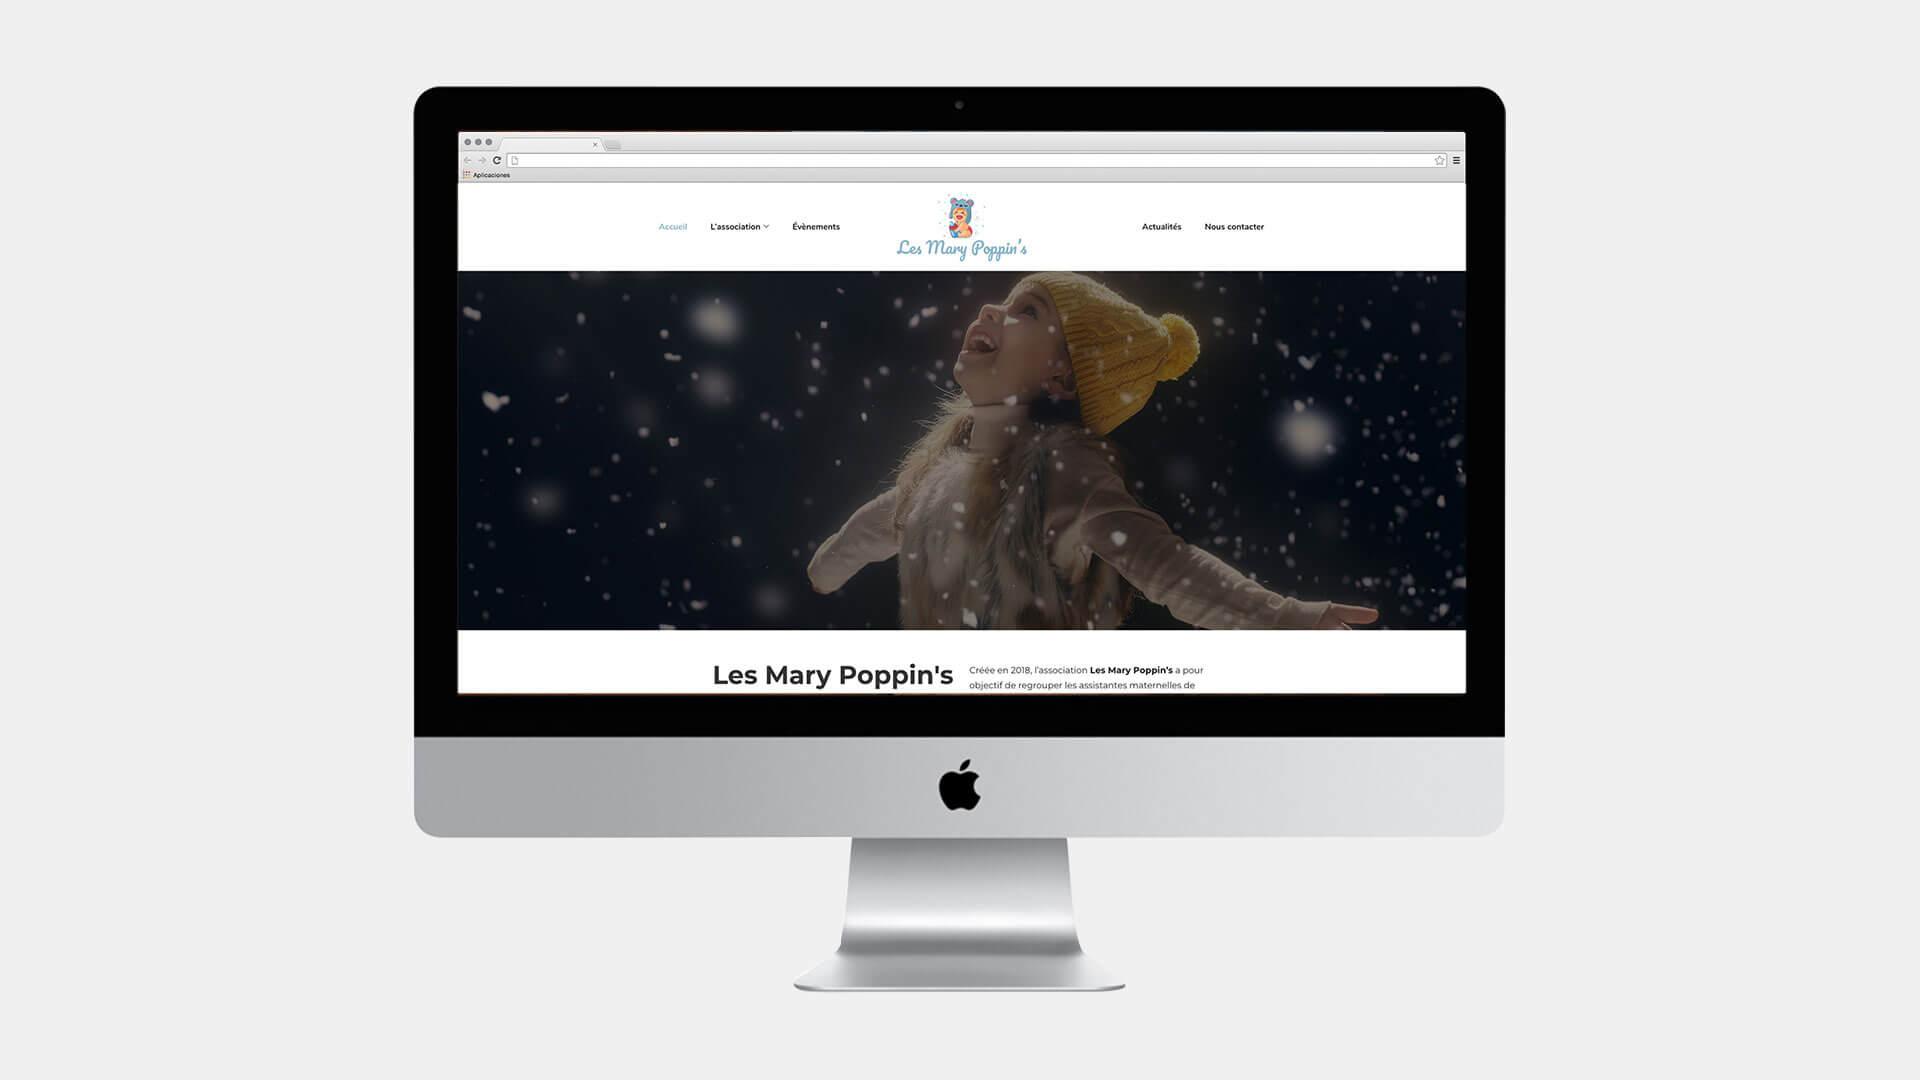 les-mary-poppins-wordpress-developpeur-freelance-bordeaux-jeremy-peltier-1